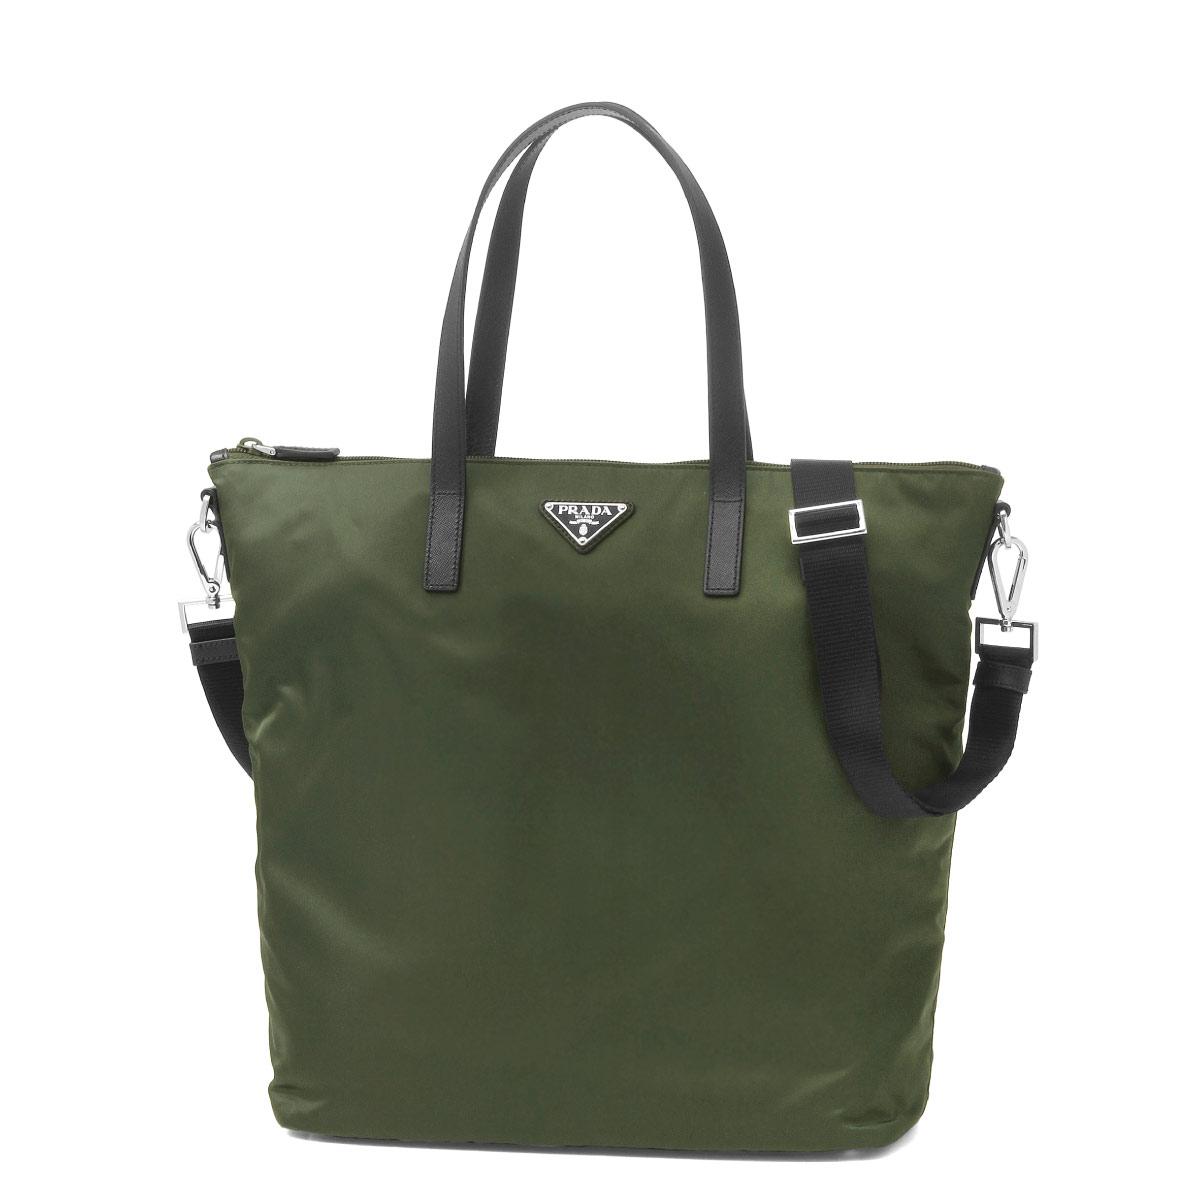 30f5541a51e540 Prada PRADA bag lady 1BG696 V44 F0161 shoulder tote bag MILITARE Green  belonging to ...